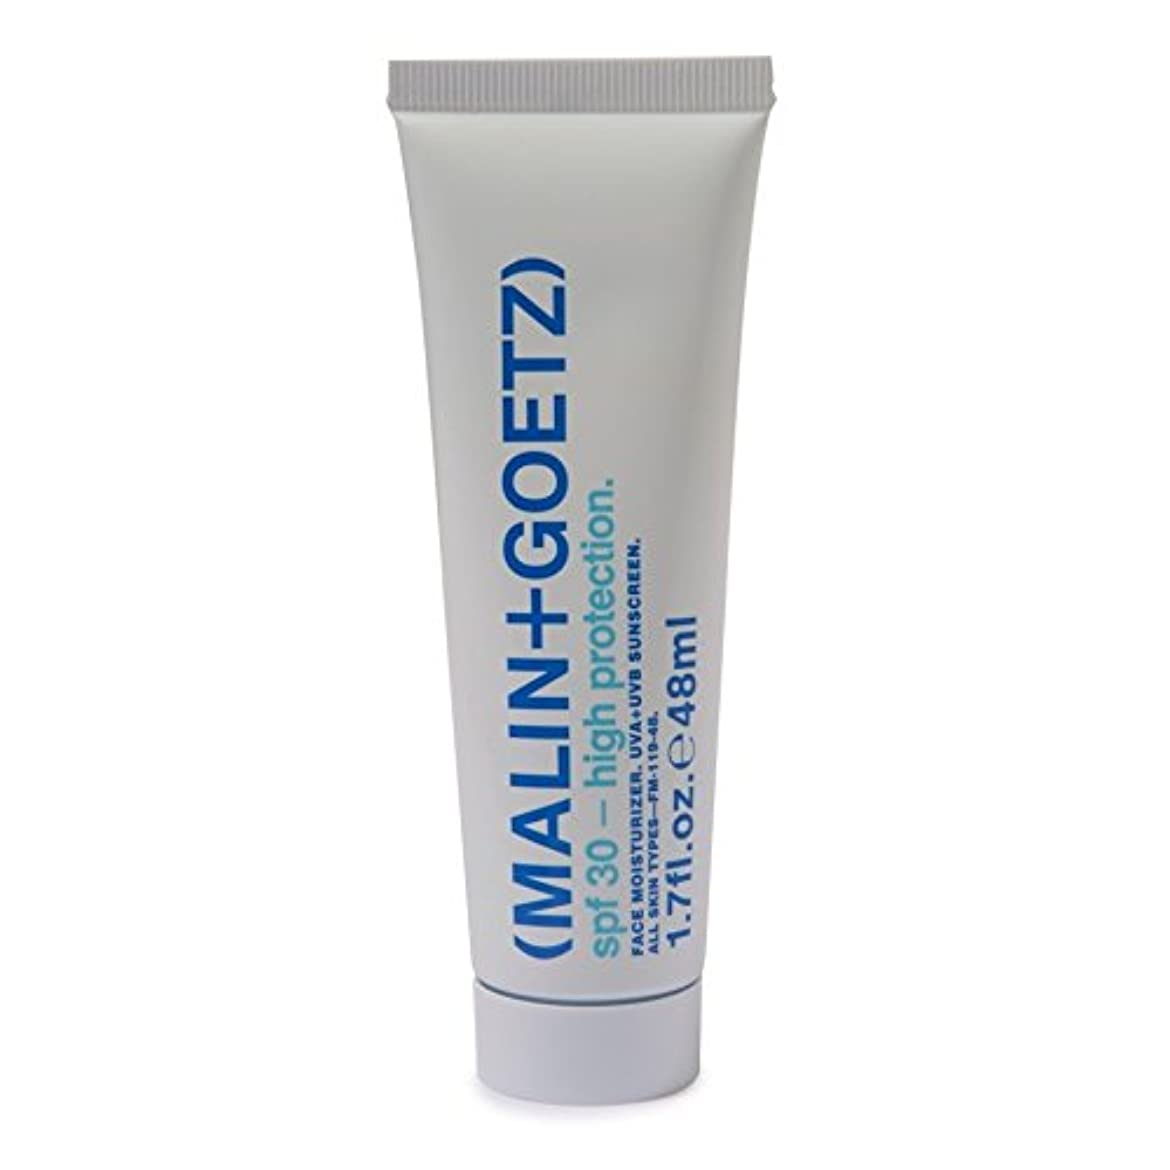 国民発行サービスマリン+ゲッツ顔の保湿剤の 30 48ミリリットル x2 - MALIN+GOETZ Face Moisturiser SPF 30 48ml (Pack of 2) [並行輸入品]